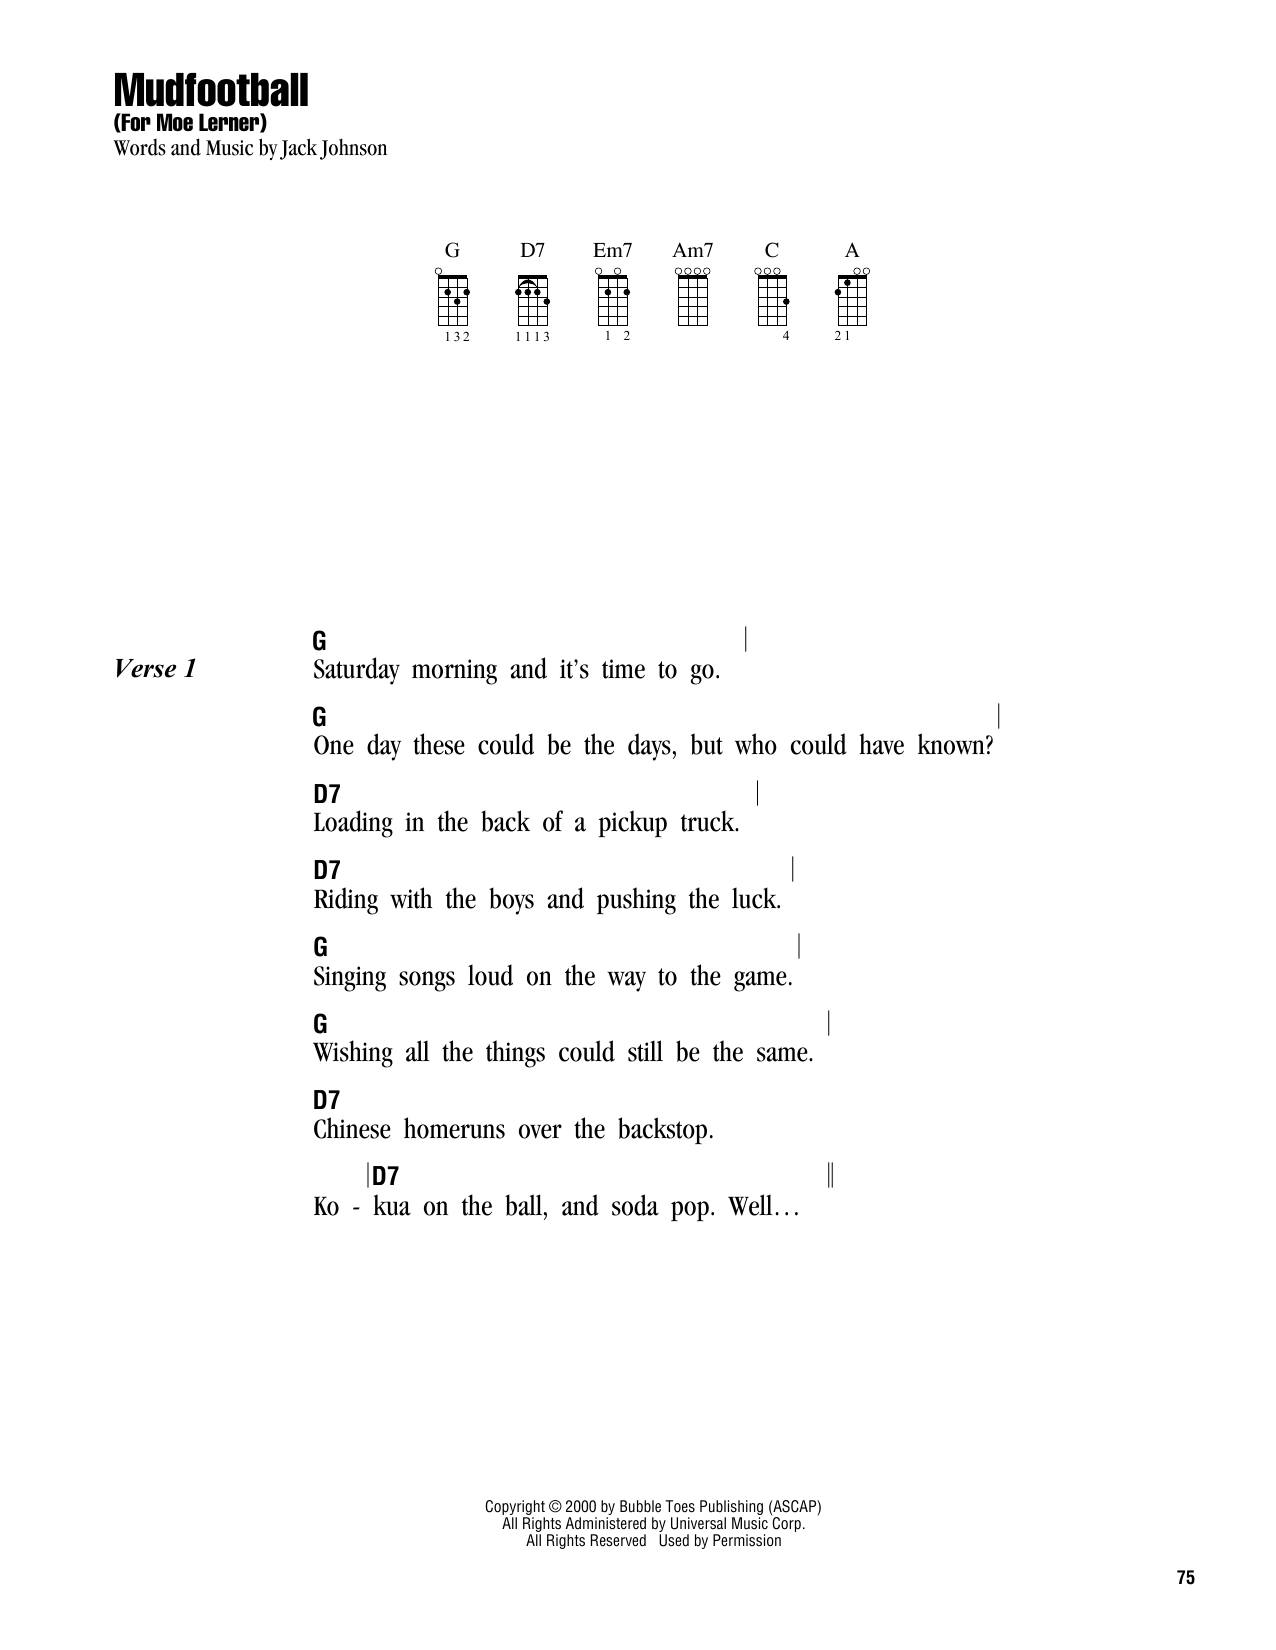 Tablature guitare Mudfootball (For Moe Lerner) de Jack Johnson - Ukulele (strumming patterns)